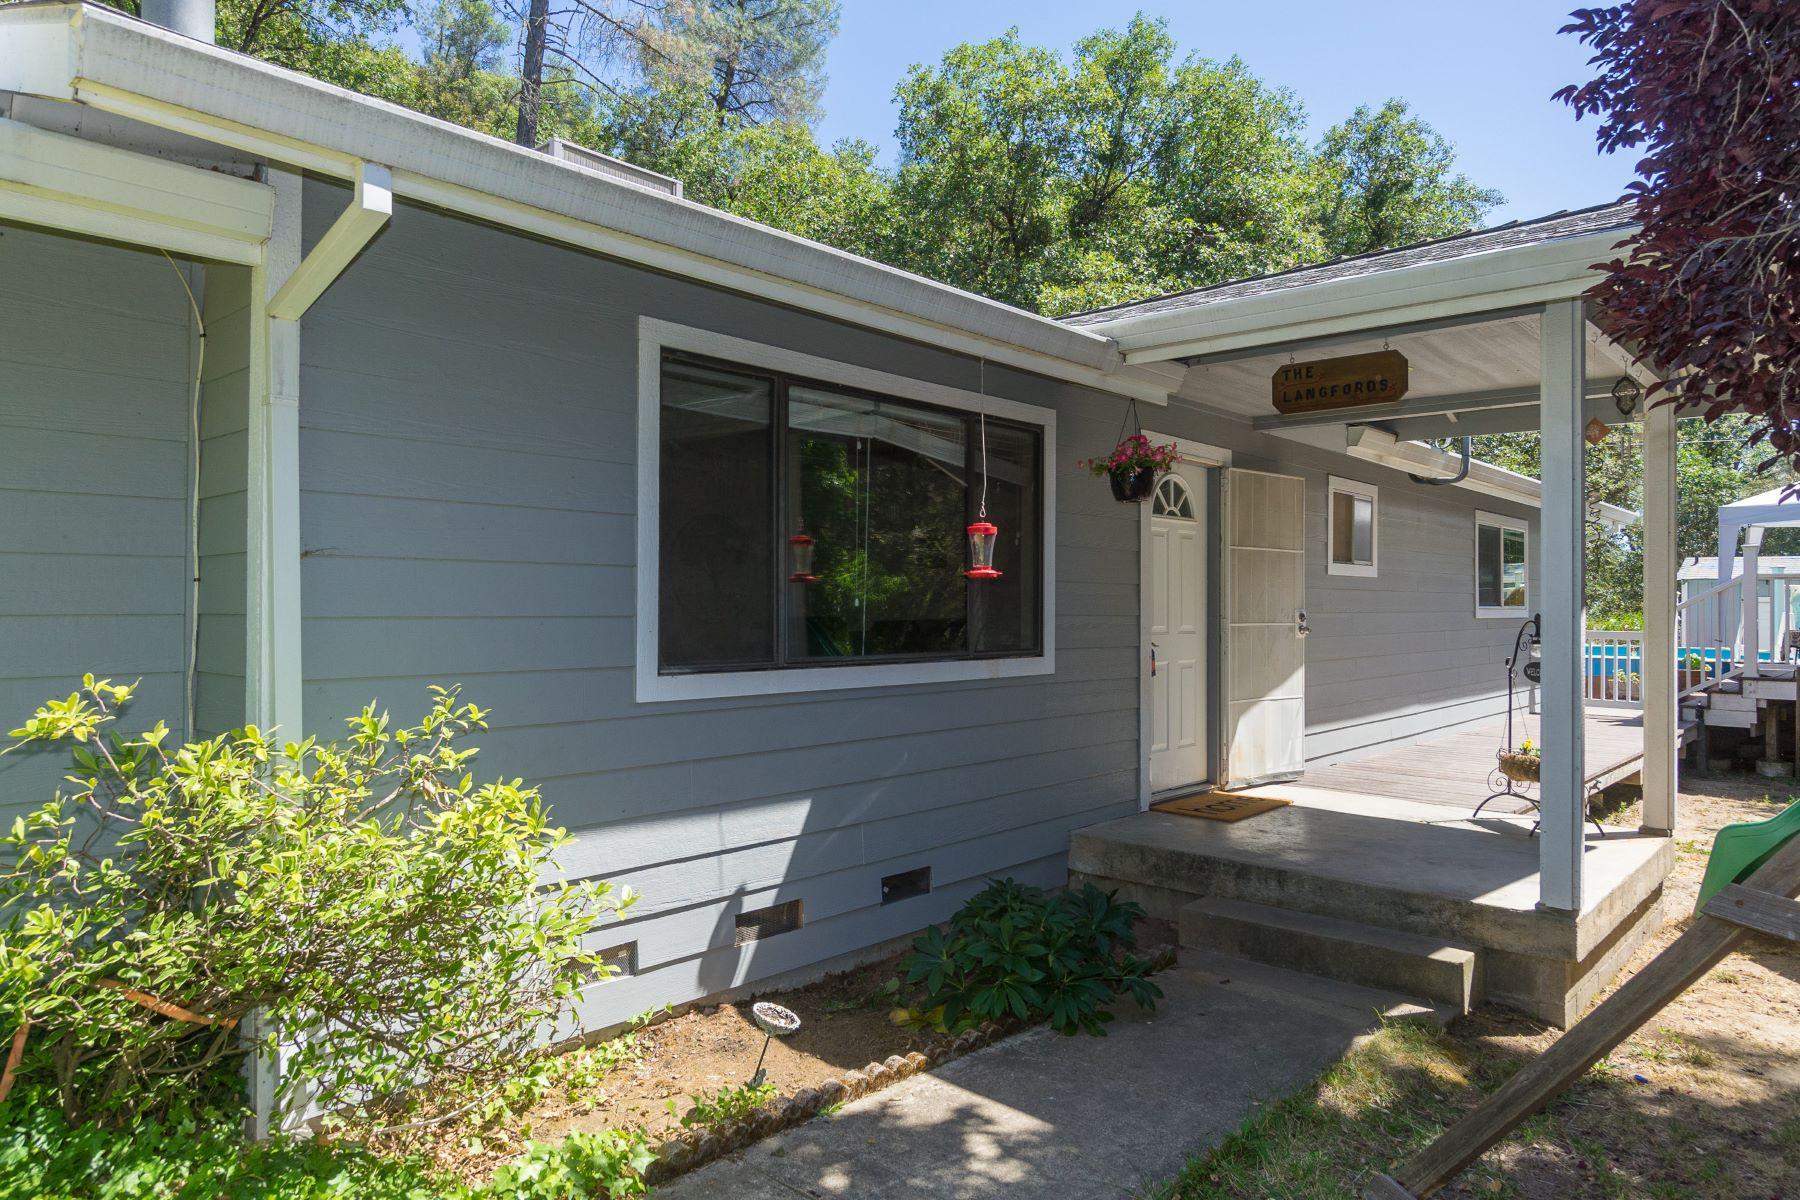 一戸建て のために 売買 アット 2 Homes on 1 Acre 1025 Mount Aukum Court Somerset, カリフォルニア 95684 アメリカ合衆国